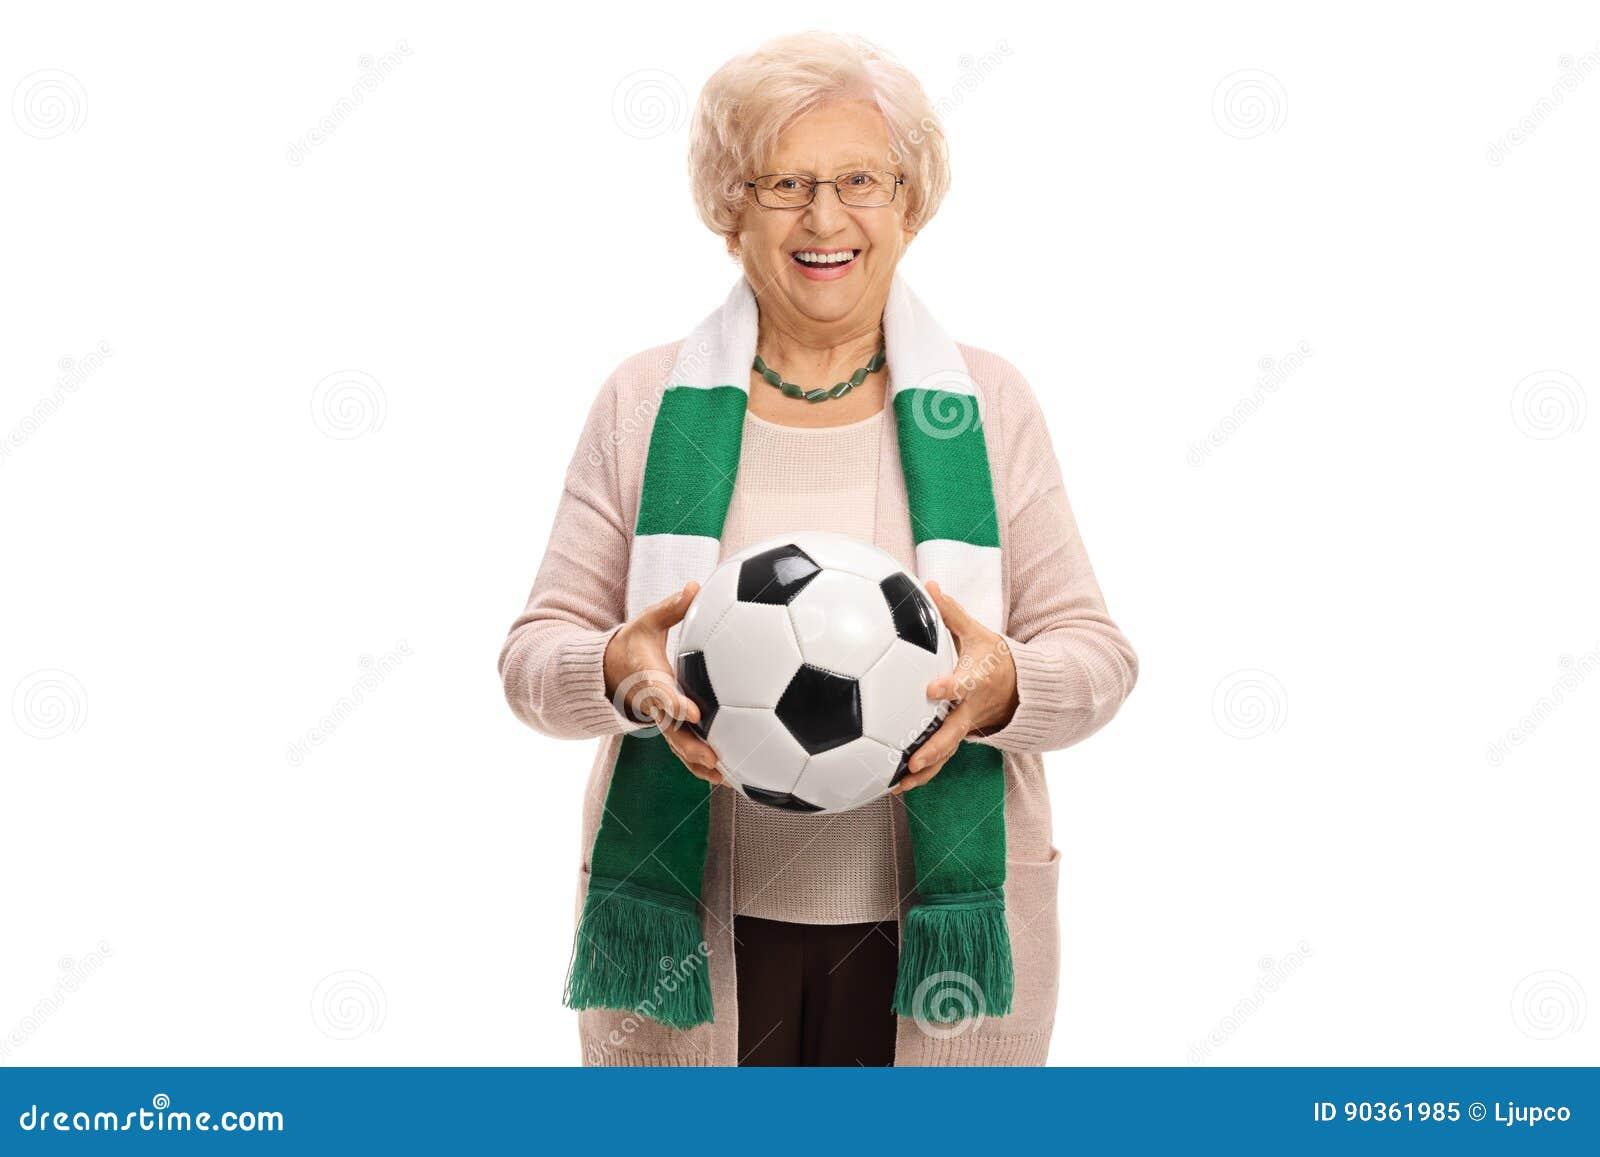 Ευχαριστημένος ανώτερος ανεμιστήρας ποδοσφαίρου με ένα μαντίλι και ένα ποδόσφαιρο